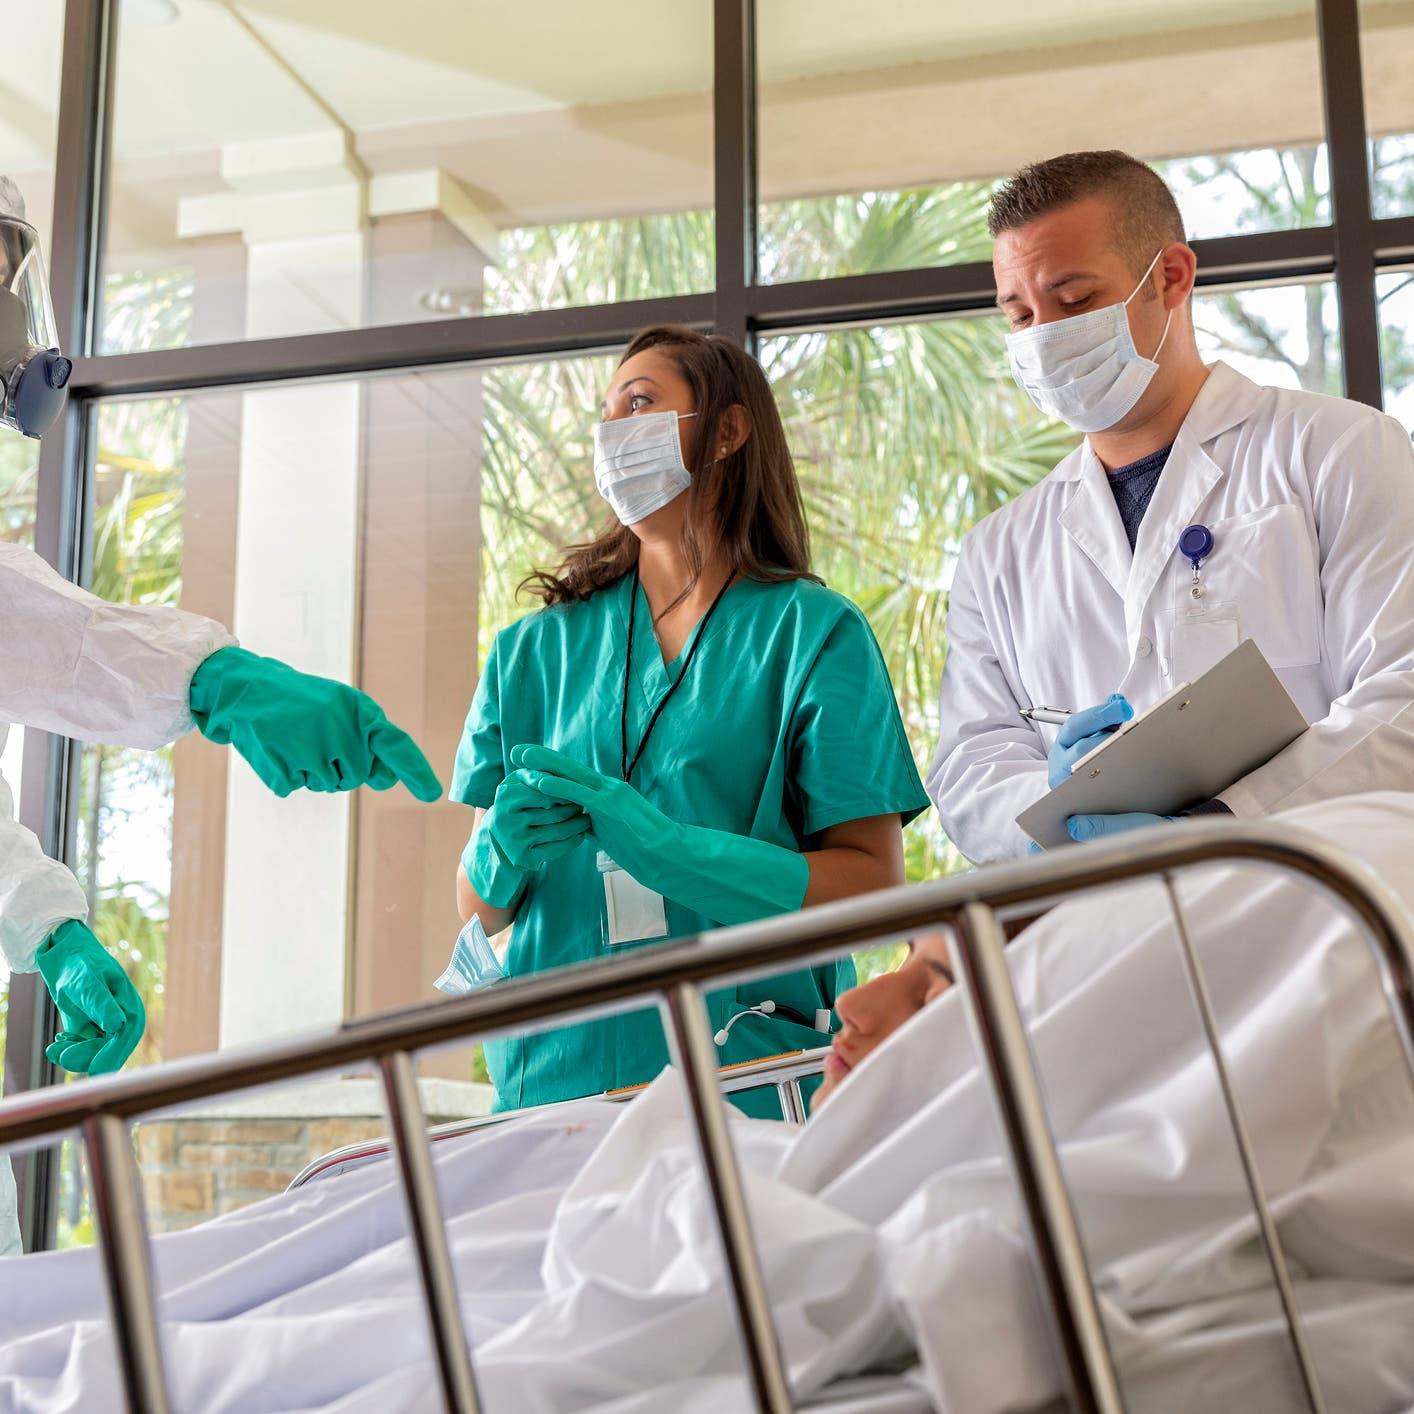 10 دروس تعلمها الأطباء من كورونا